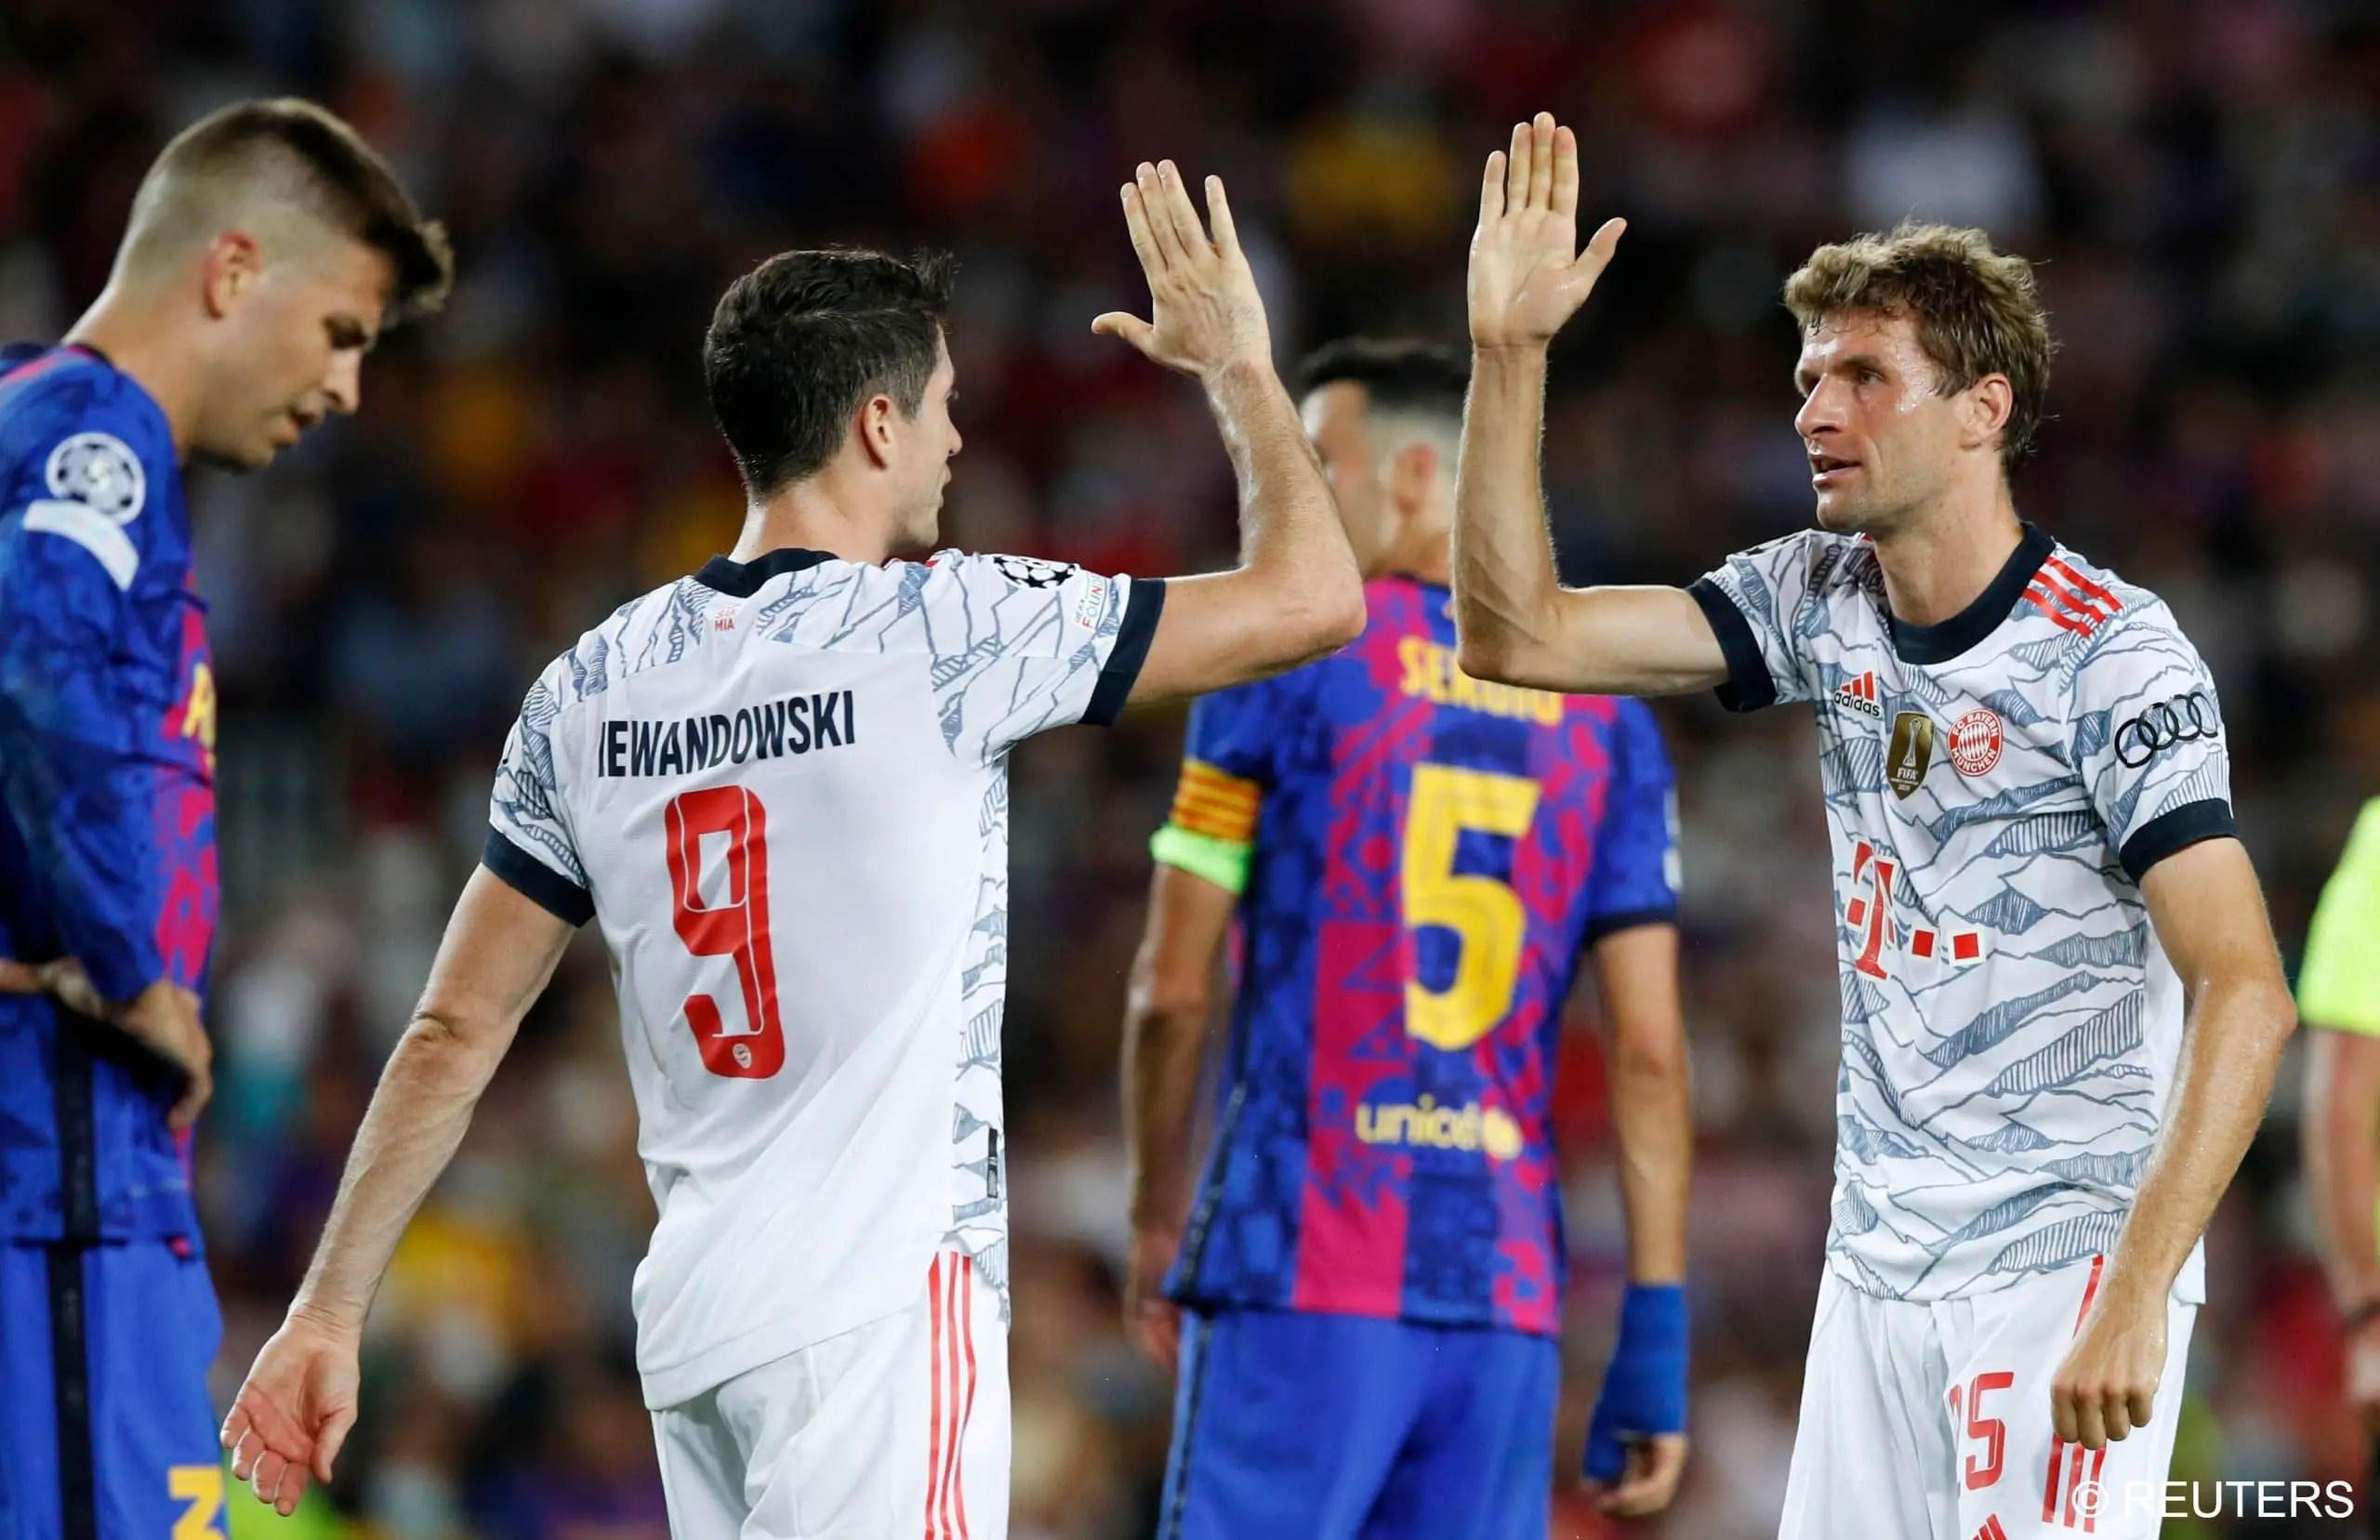 UCL: Lewandowski Bags Brace As Bayern Outclass Barca At Nou Camp